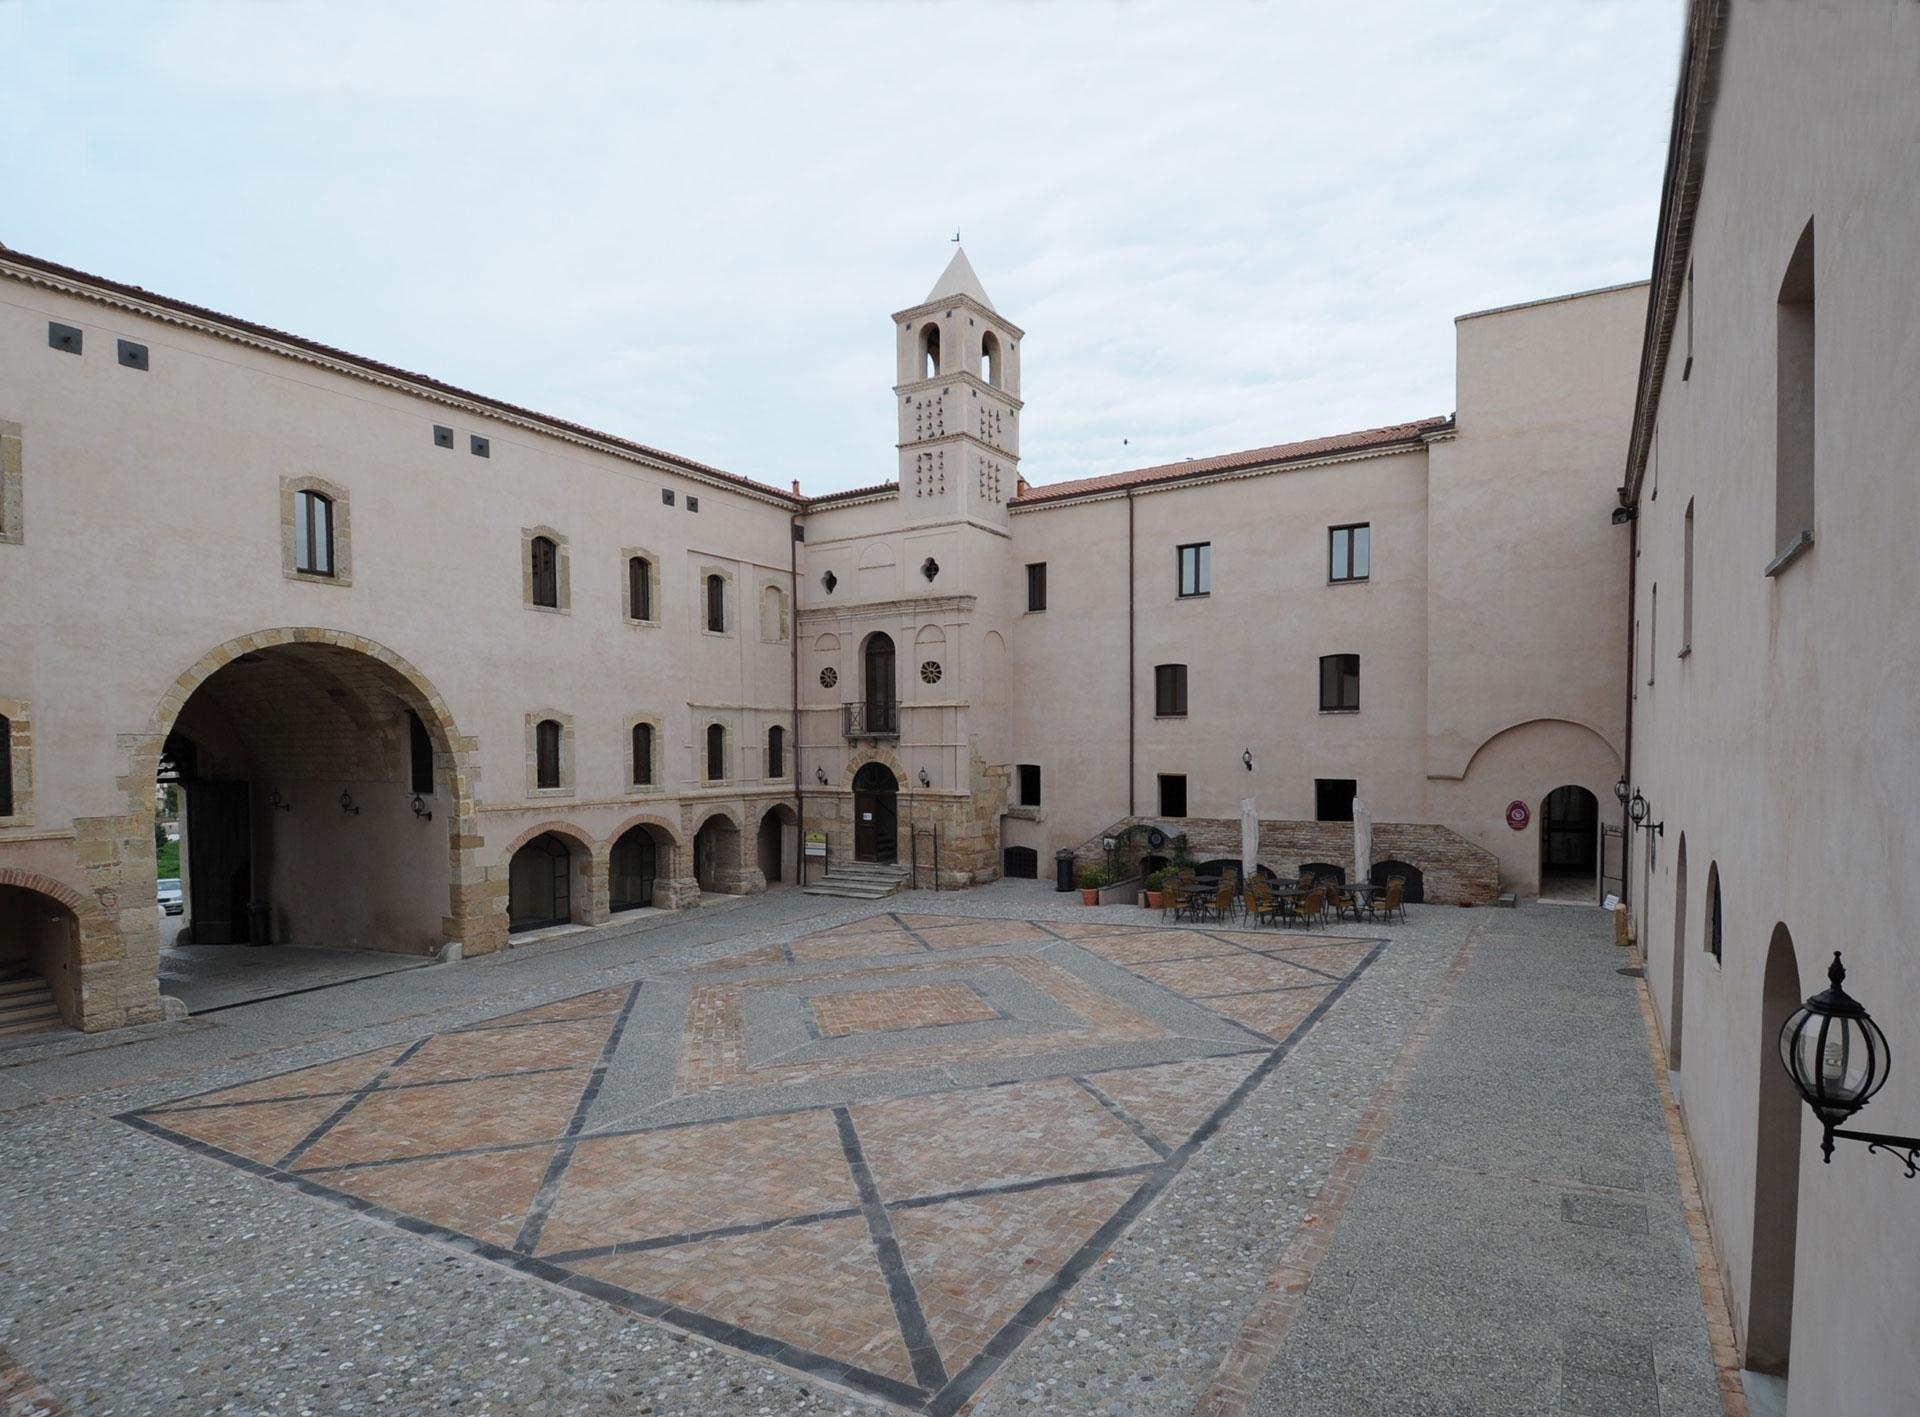 Castello di Policoro (@castellodipolicoro) Cover Image